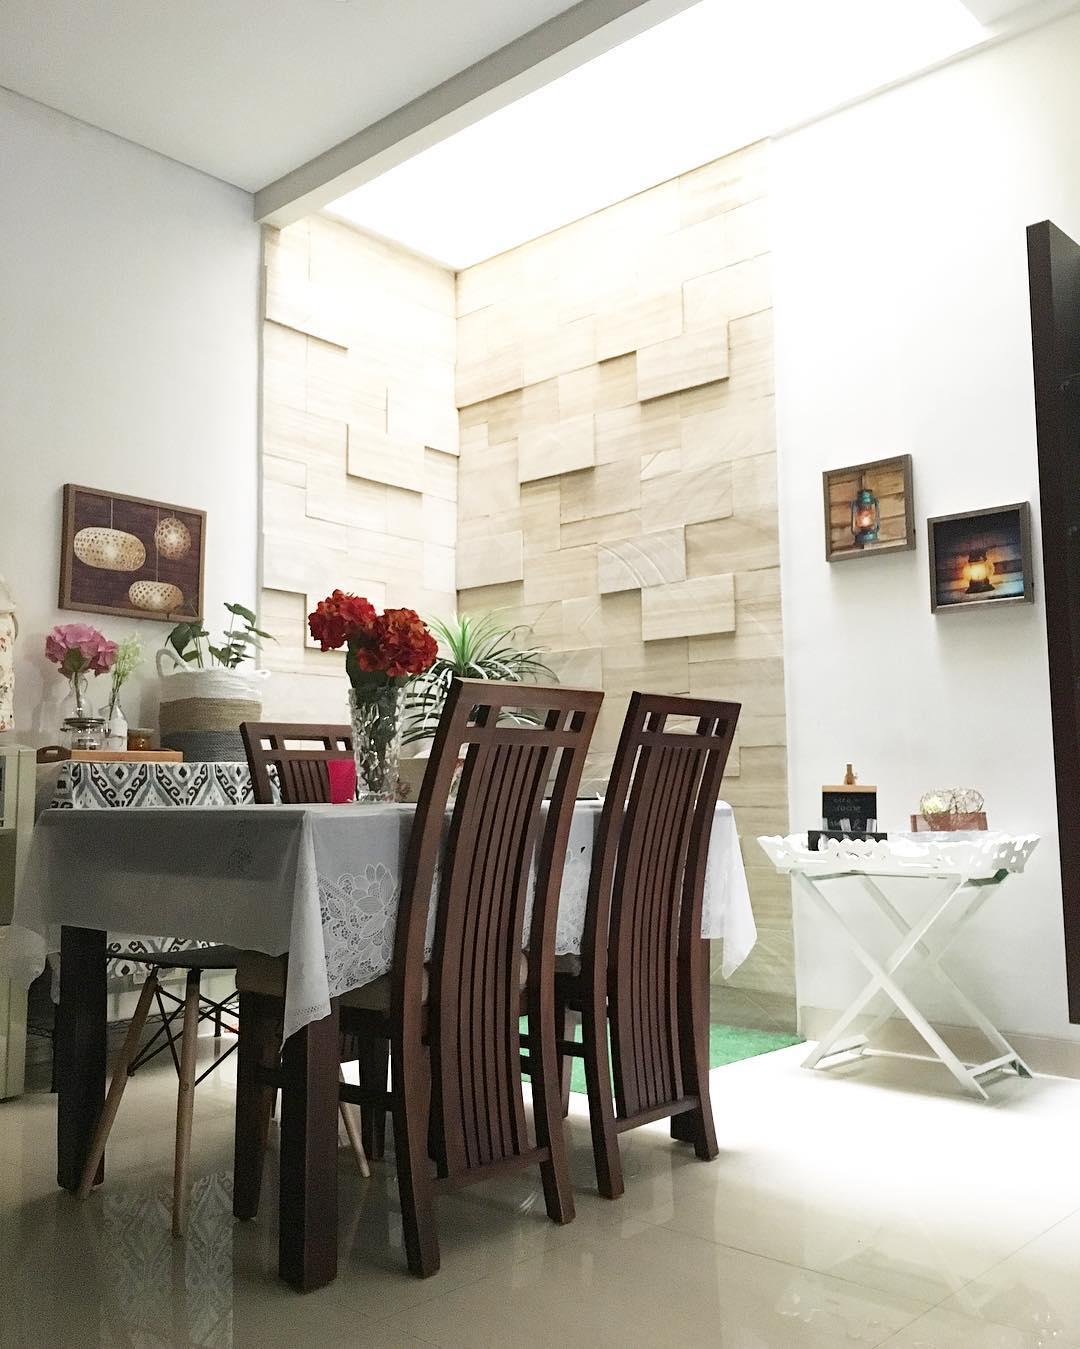 32 Desain Ruang Makan Minimalis Sederhana Terbaru 2019